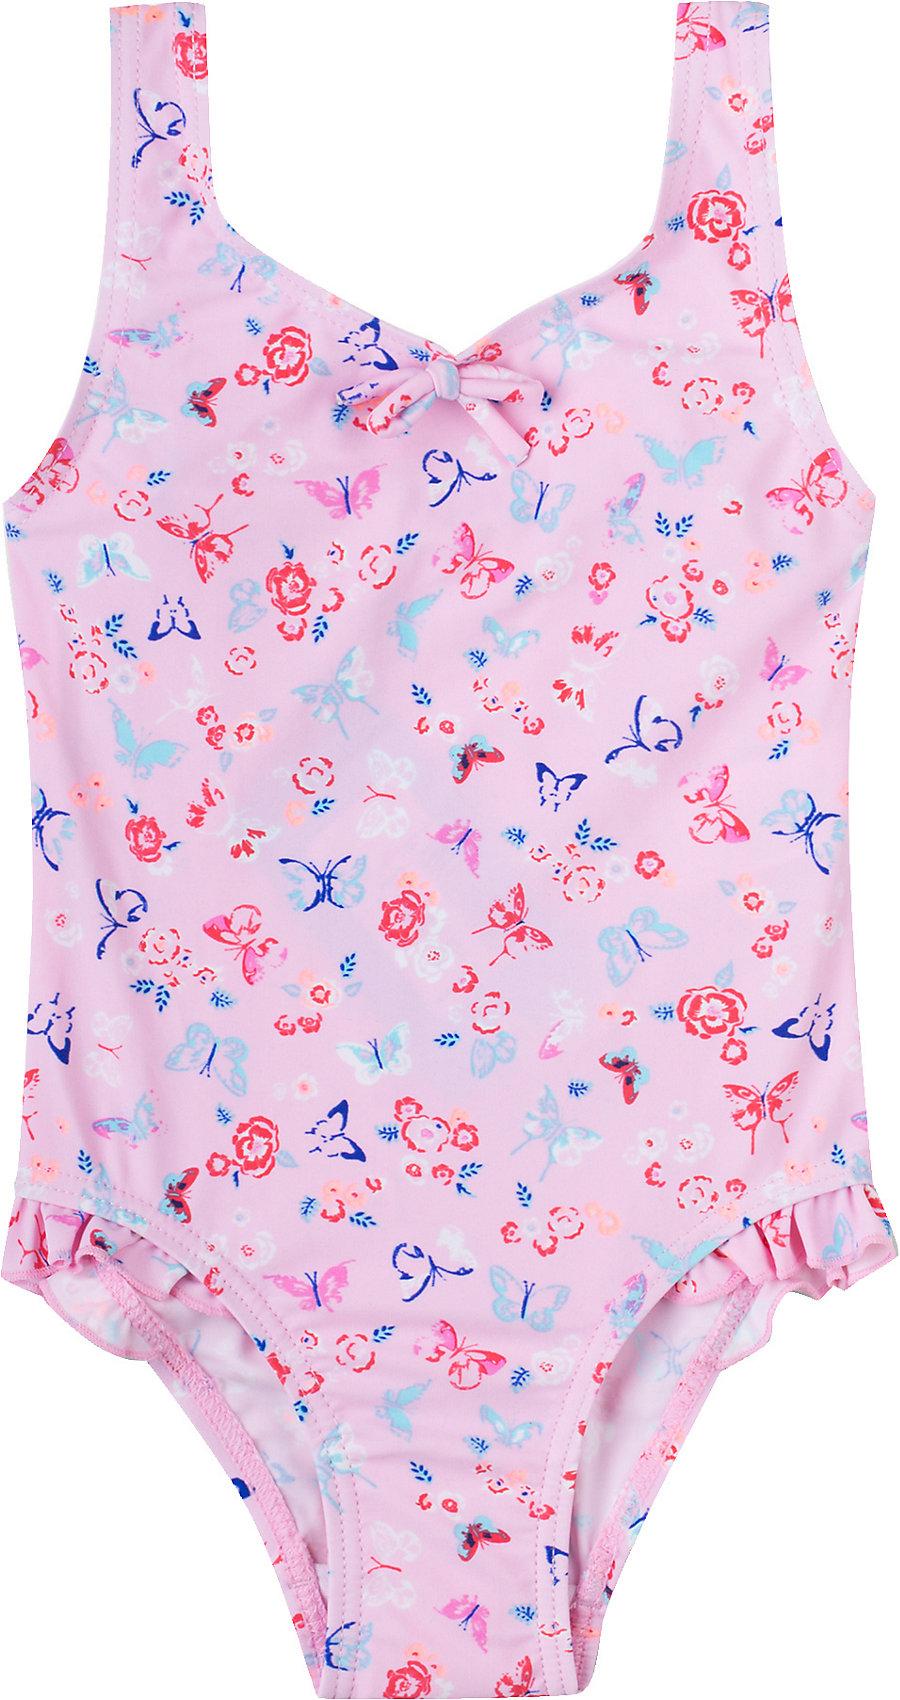 UV-Schutz 7437046 für Mädchen rosa Neu Sanetta Kinder Badeanzug